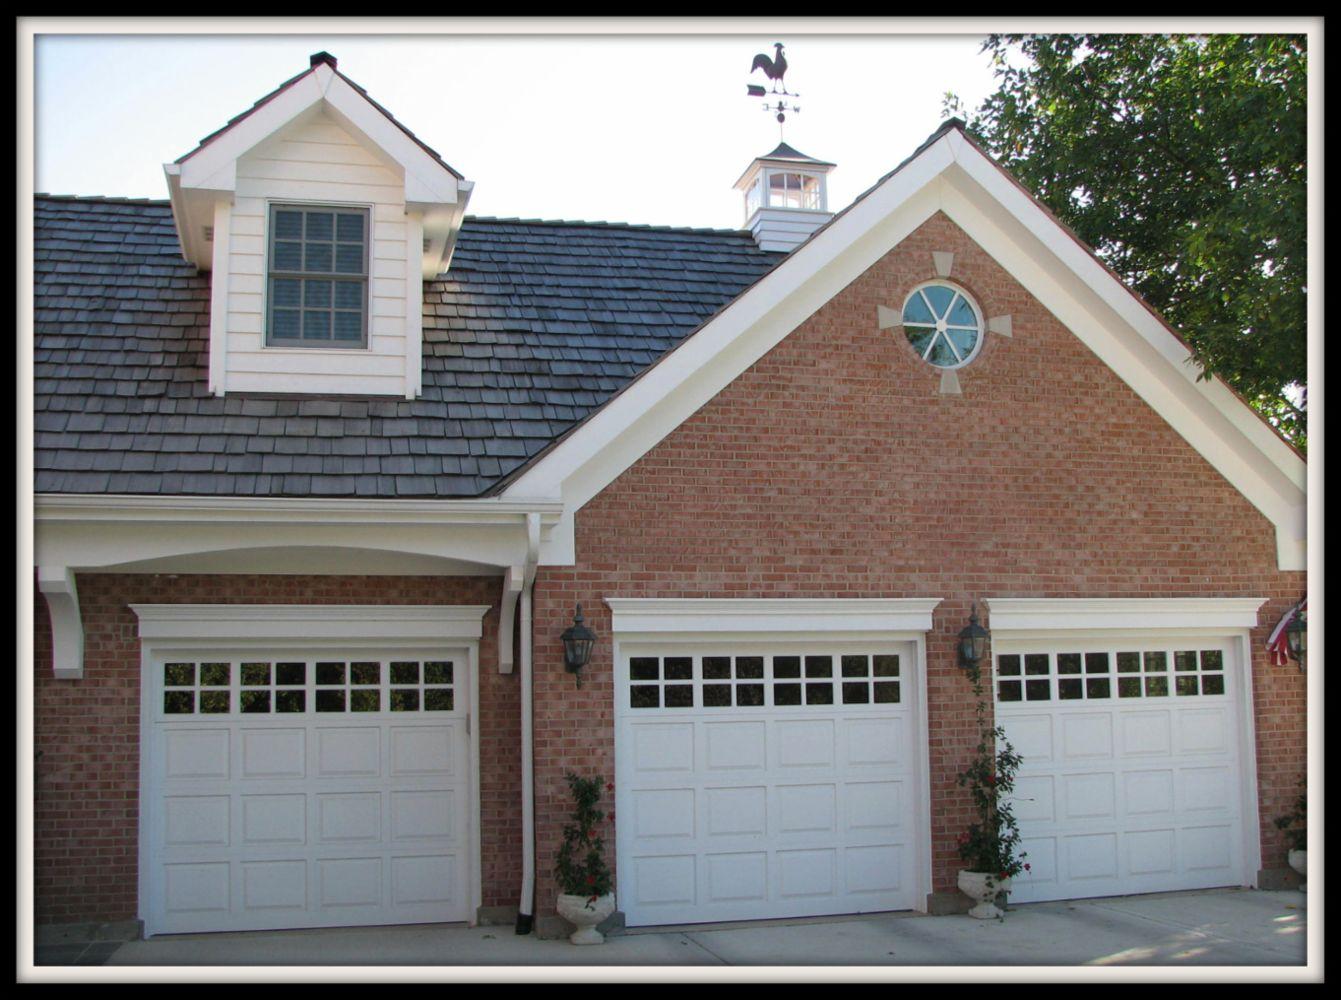 Garage door repair installation in chandler az 5stars for Garage door repair in gilbert az